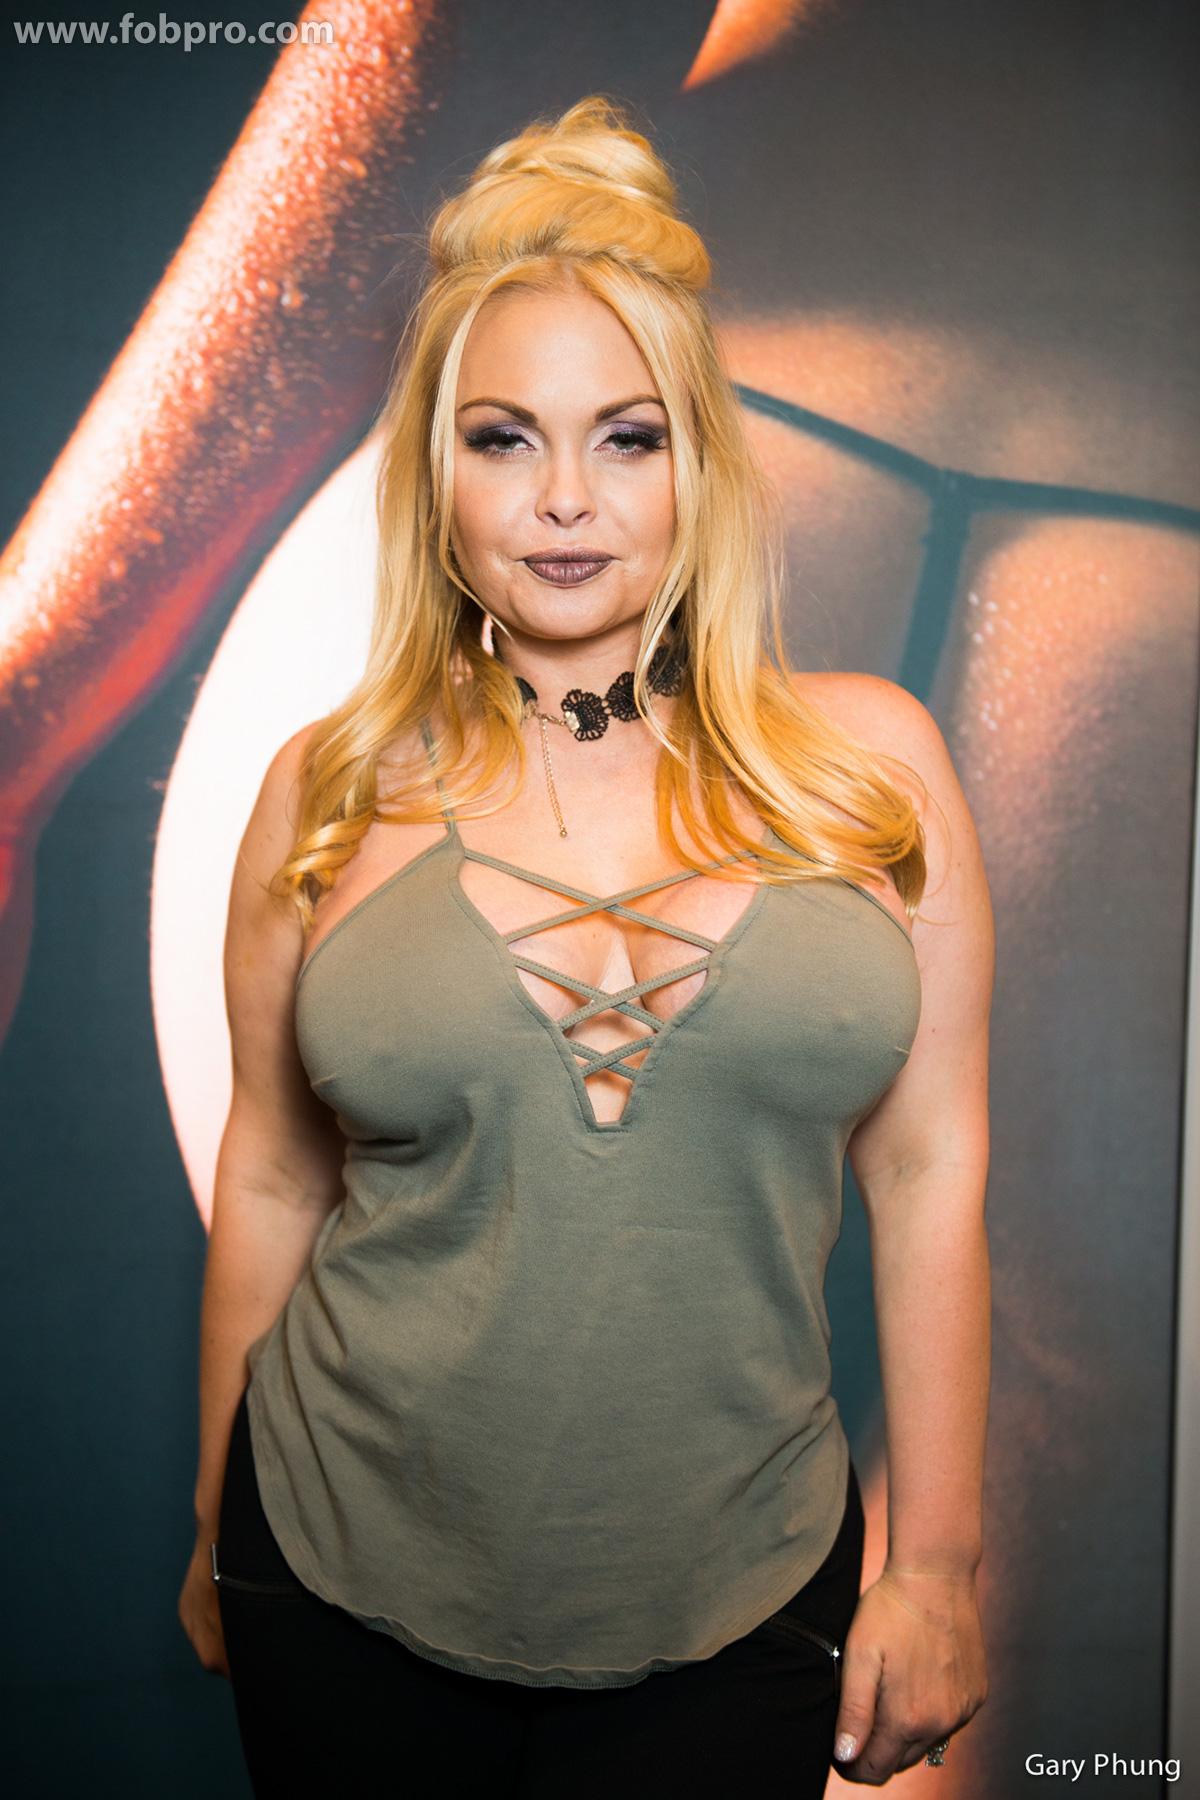 Stormy Daniels - AVN Awards 2018 in Las Vegas • CelebMafia